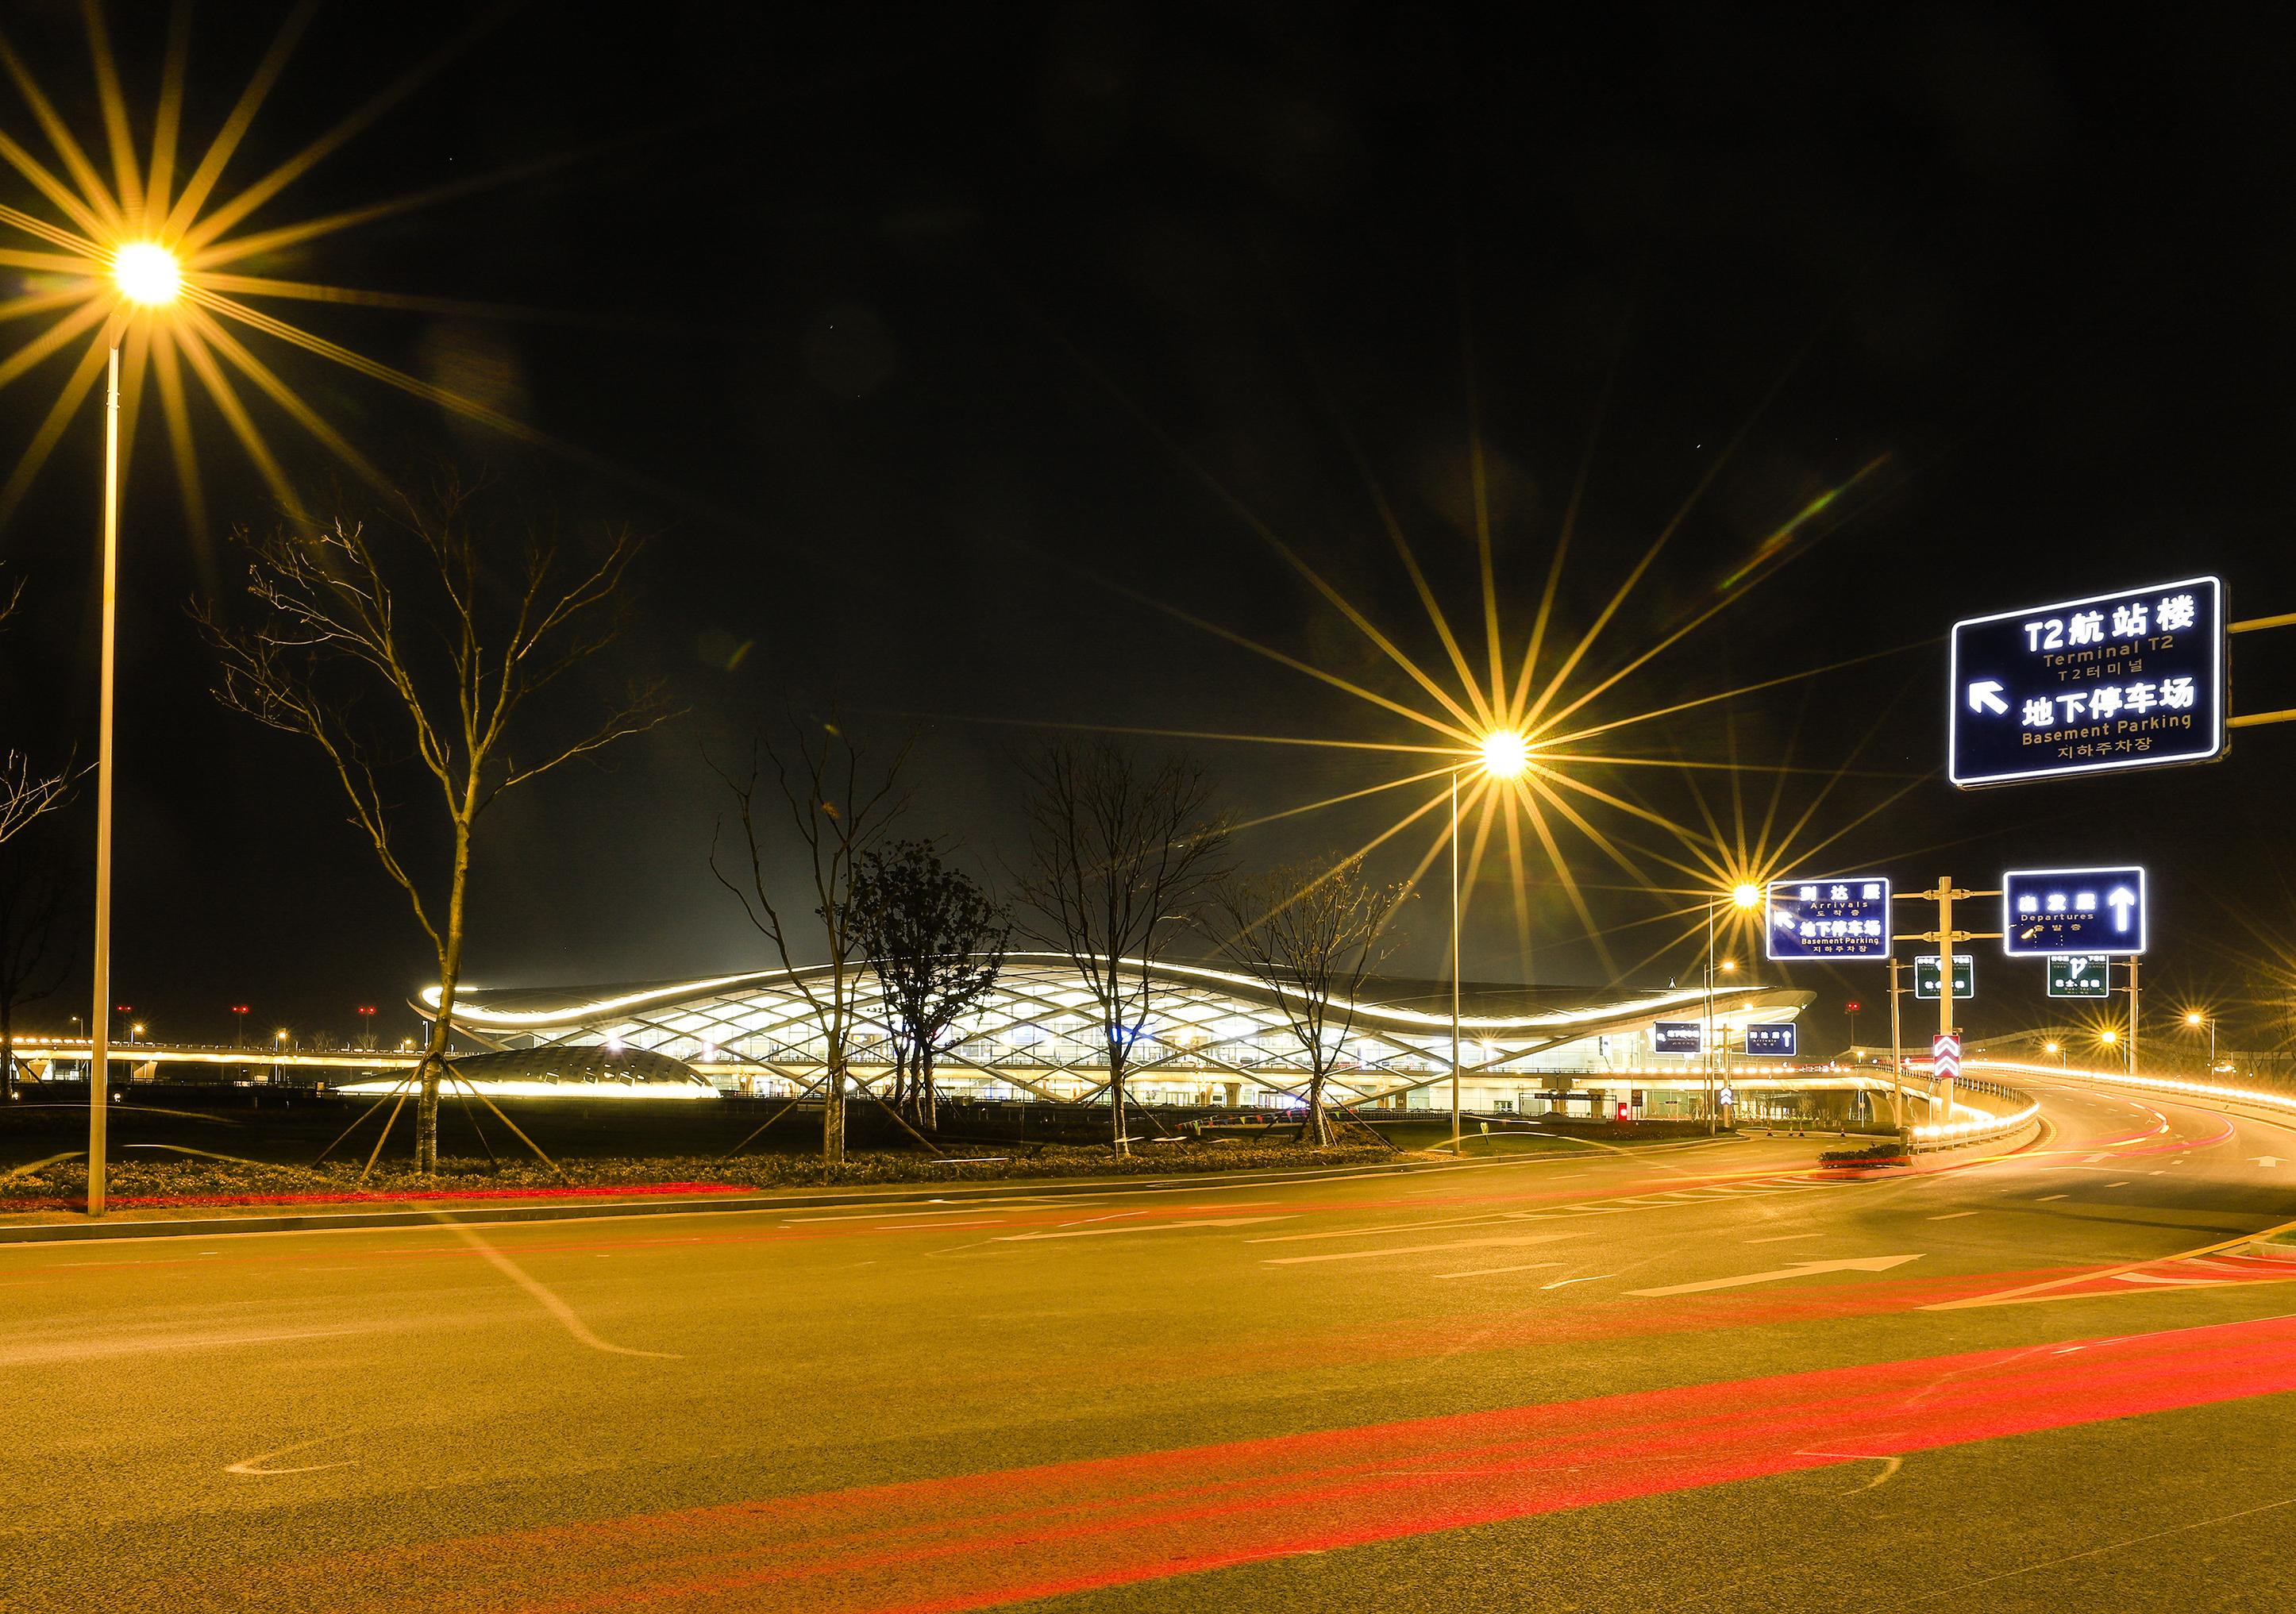 盐城空港.jpg